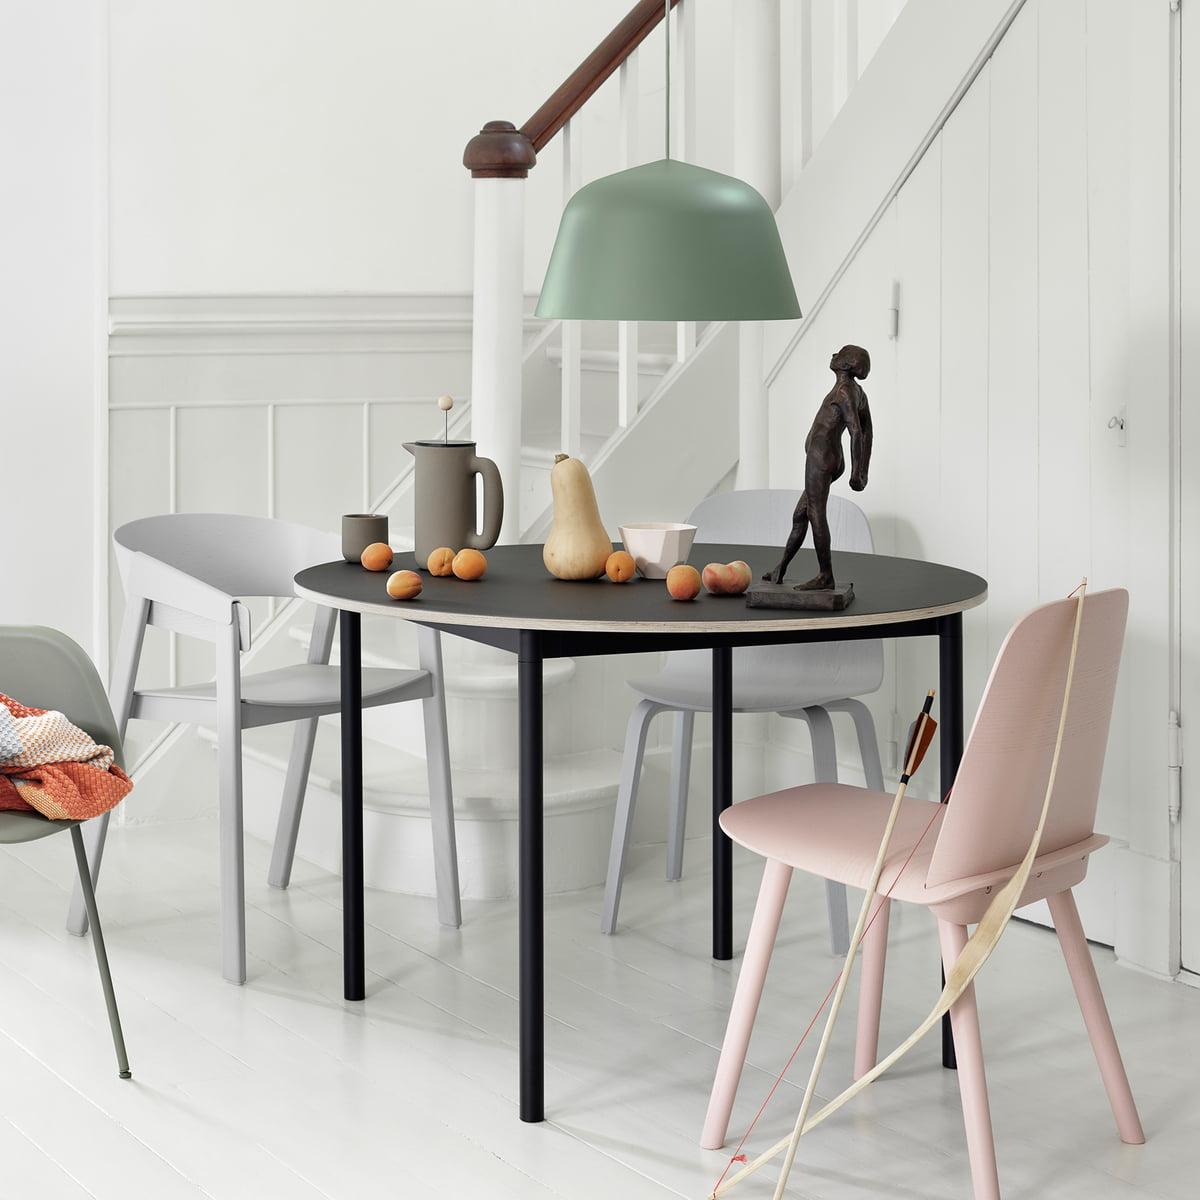 Nice Einfache Dekoration Und Mobel Nerd Chair Von Muuto #10 ...